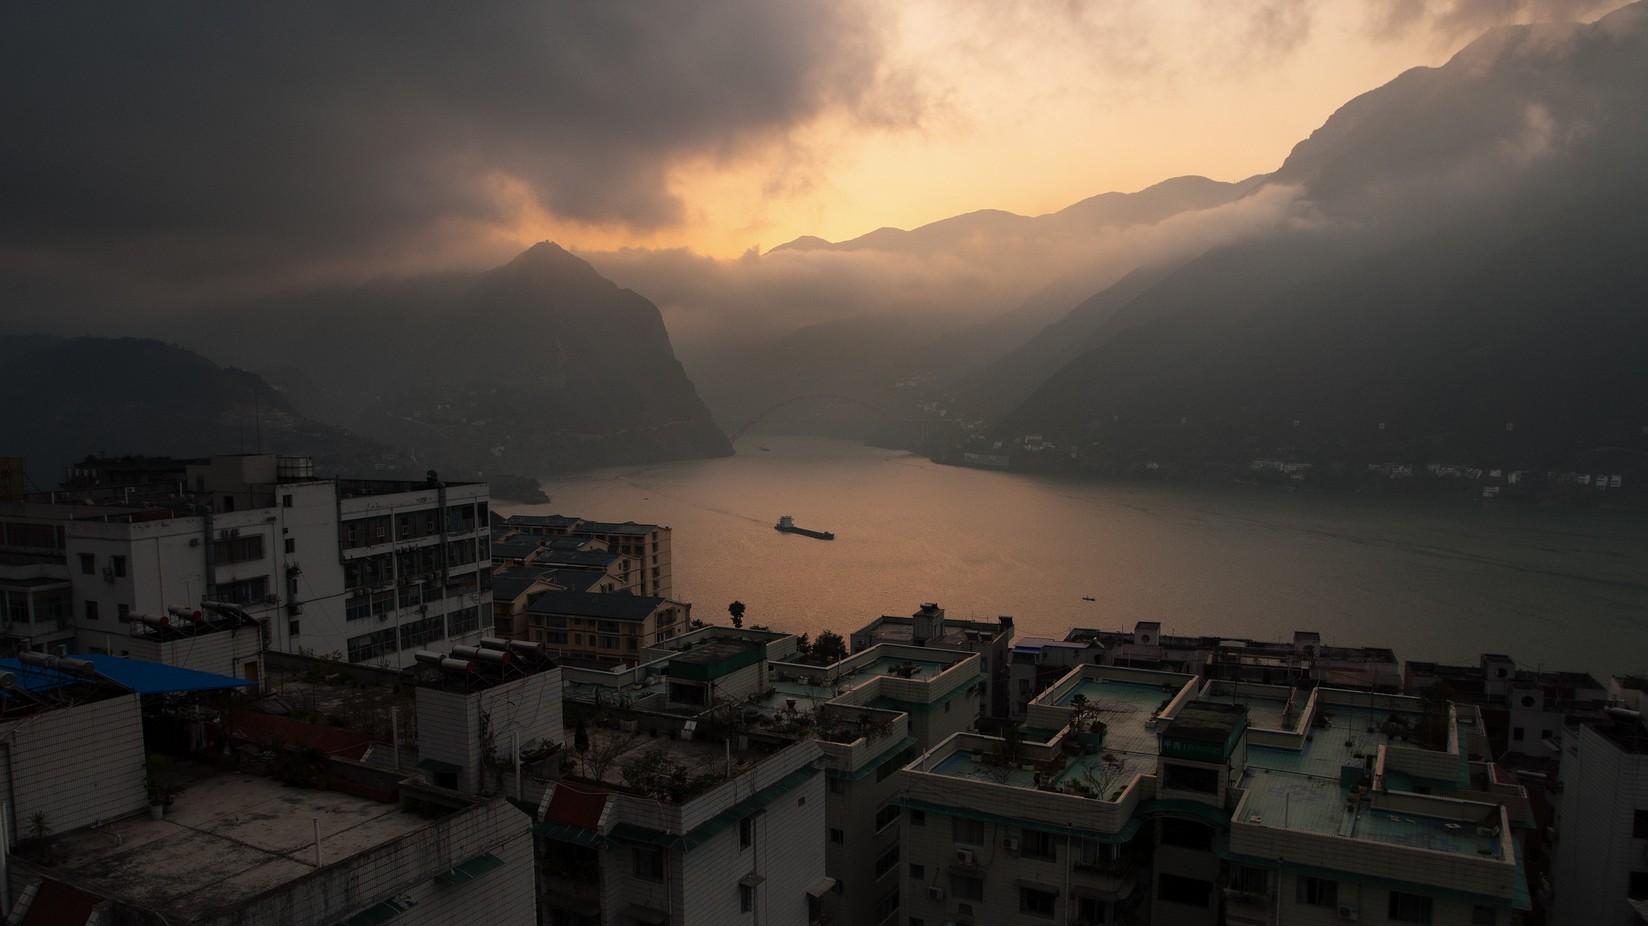 Por que o Sudeste Asiático está coberto de fumaça?